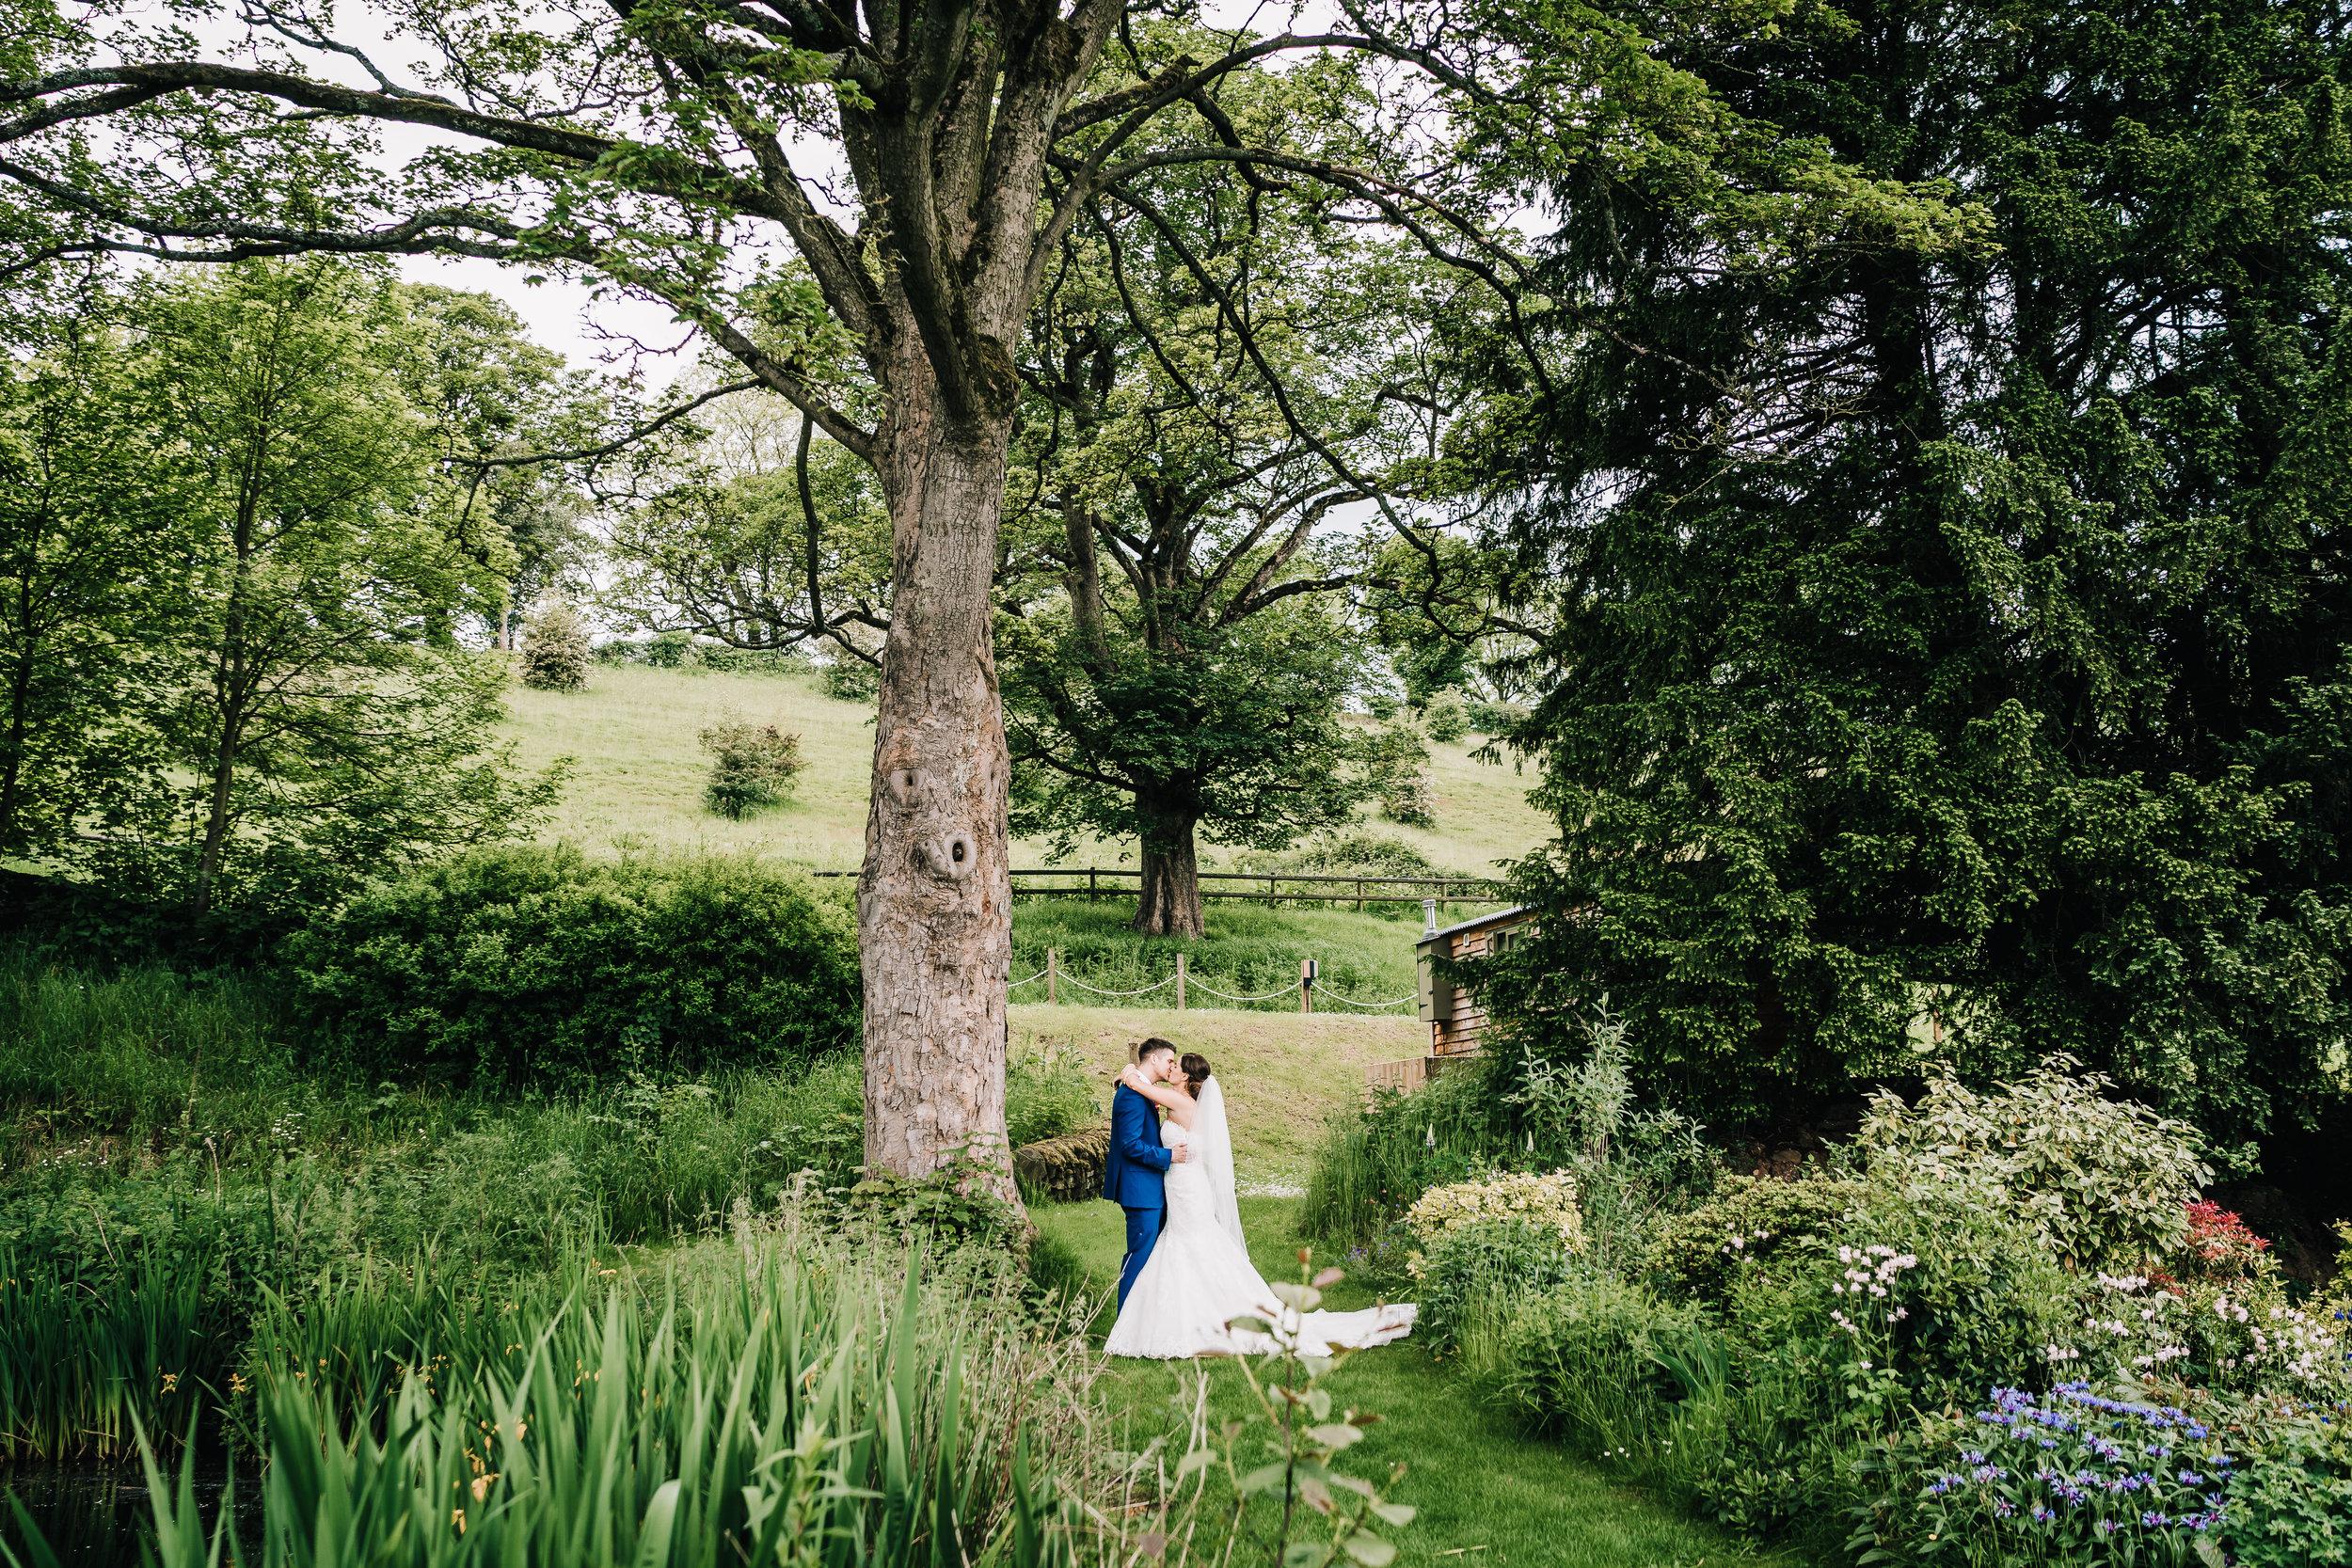 COUPLE PORTRAIT OUTDOORS ENSARB WEDDING VENUE STAFFORDSHIRE